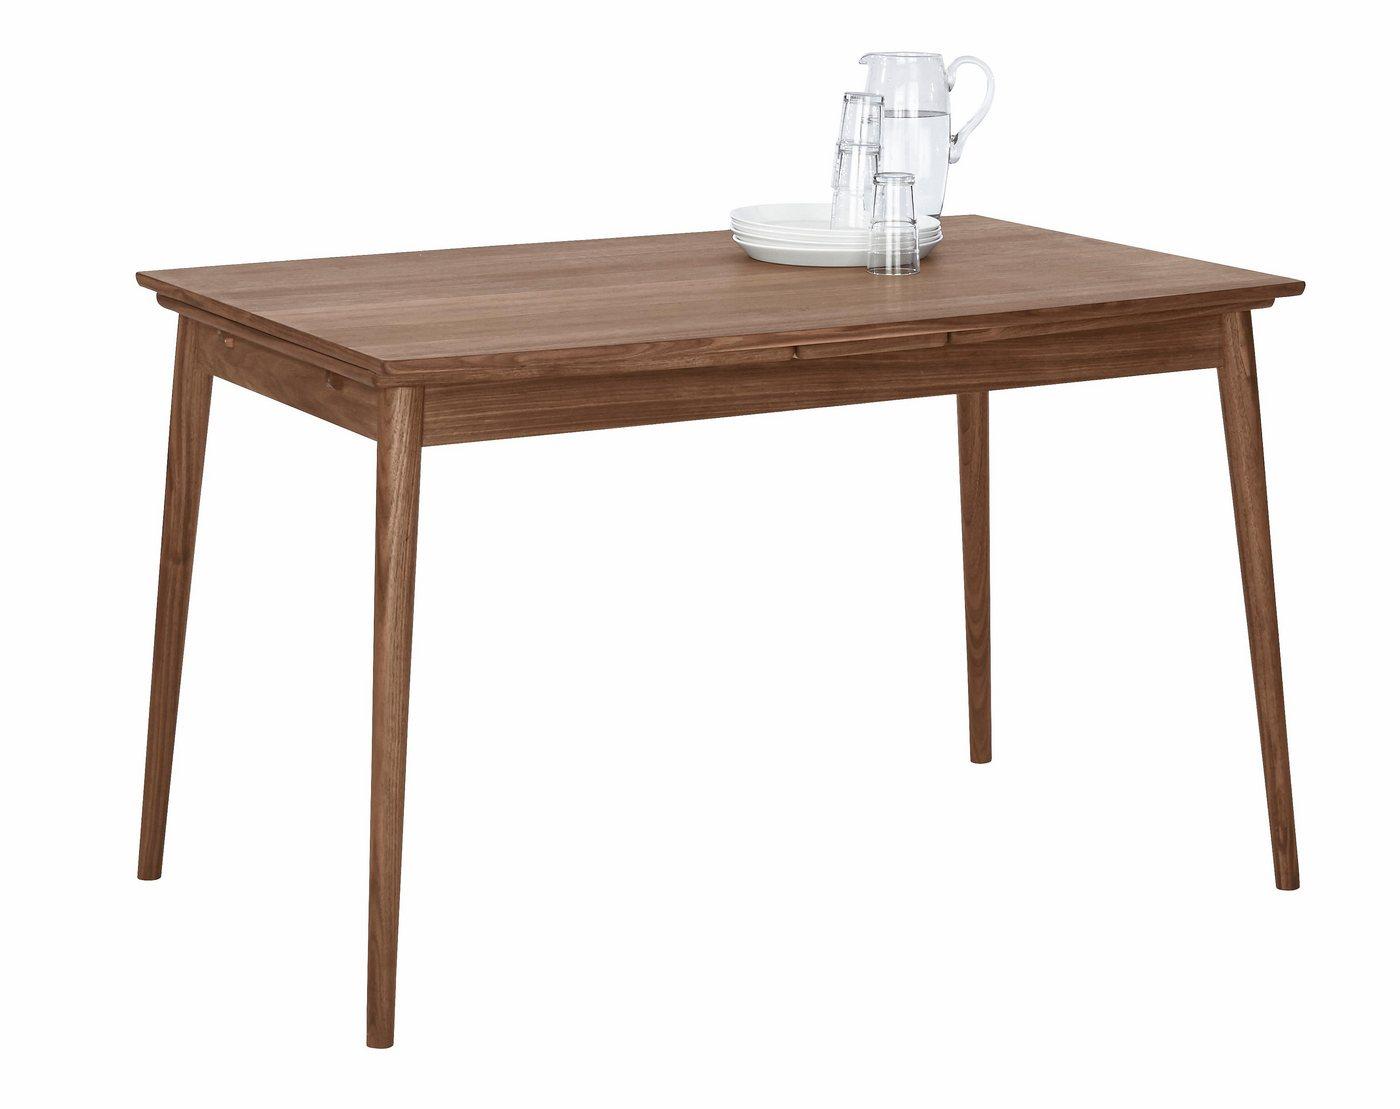 Esstisch in skandinavischem Design »Curve«, walnuß, Breite 122 cm, in Bootsform